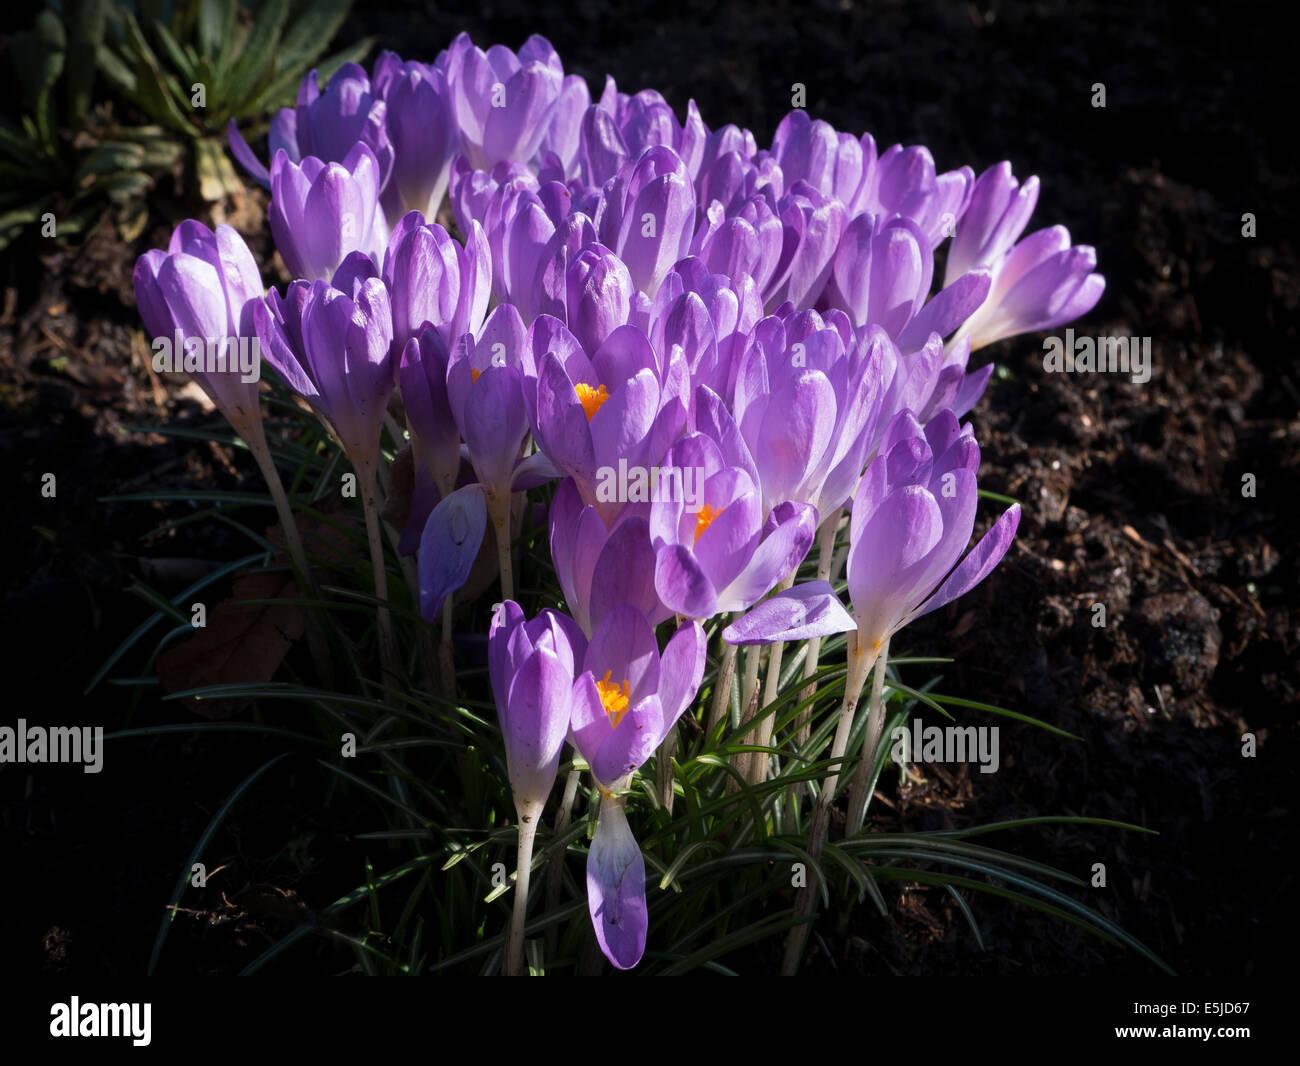 Crocus garden flowers, Crocus sativus - Stock Image